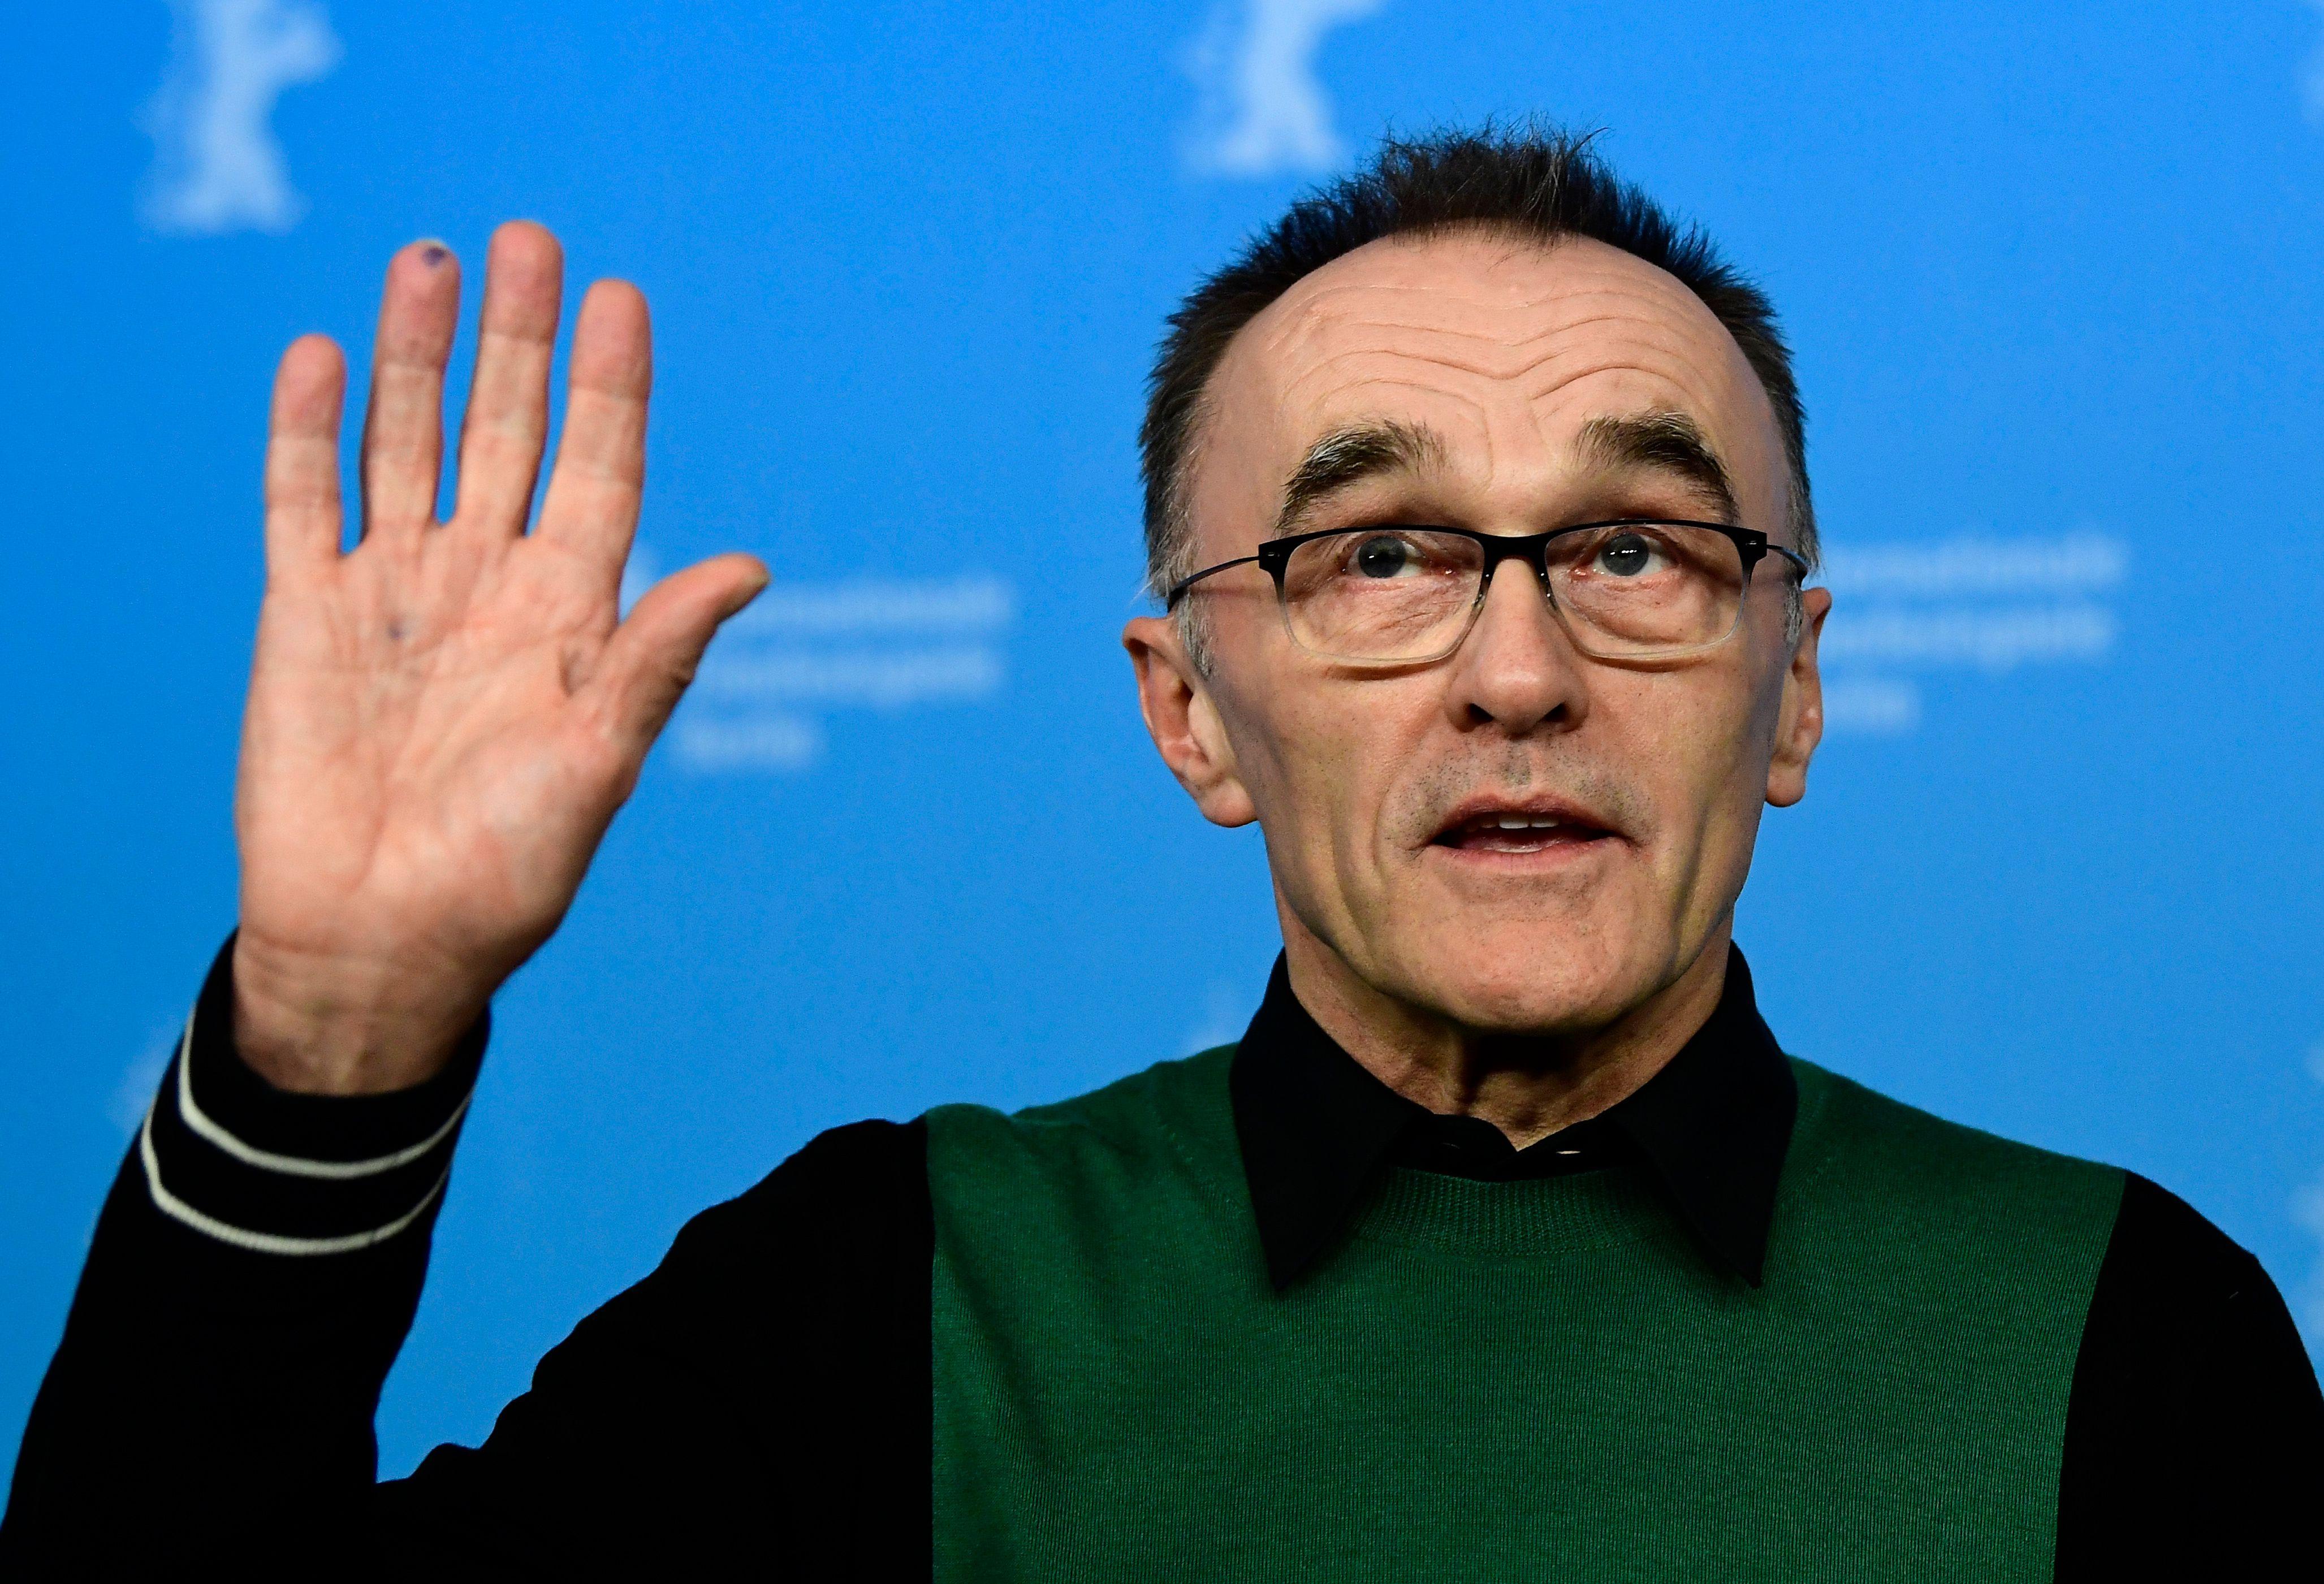 Eklat beim neuen Bond-Film - Boyle verliert Regie